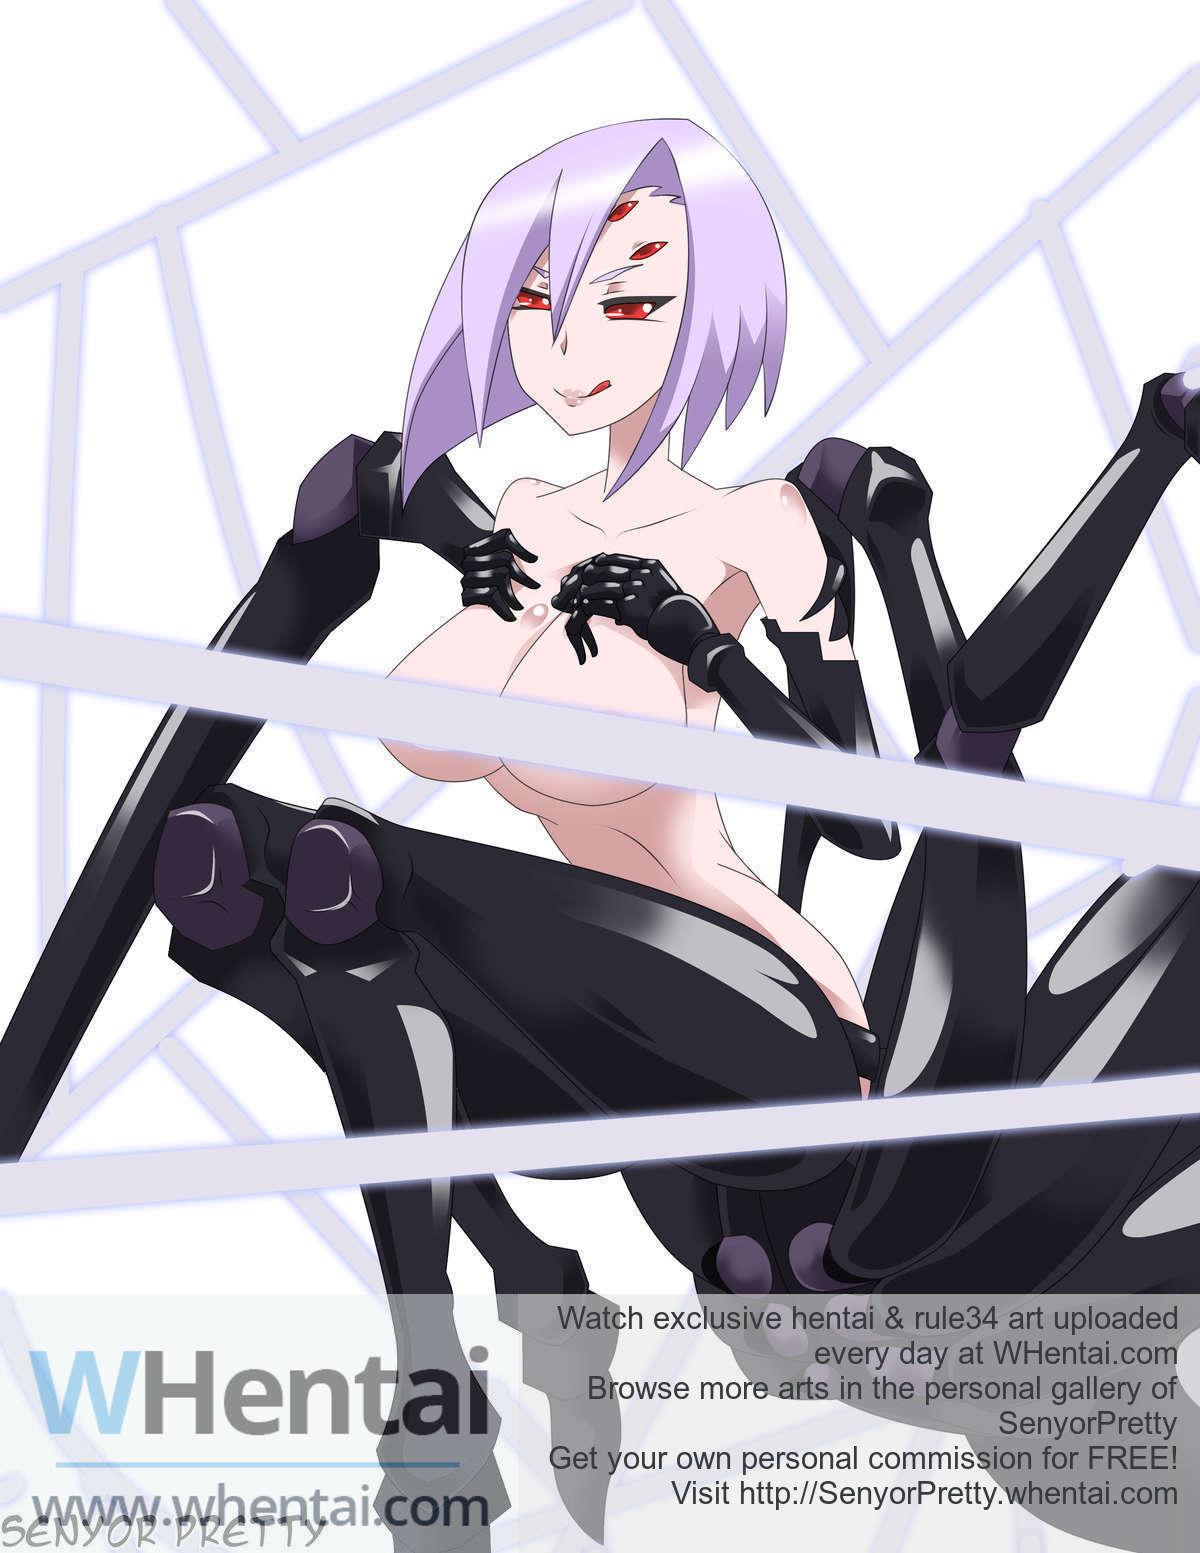 Rachnee Monster Musume